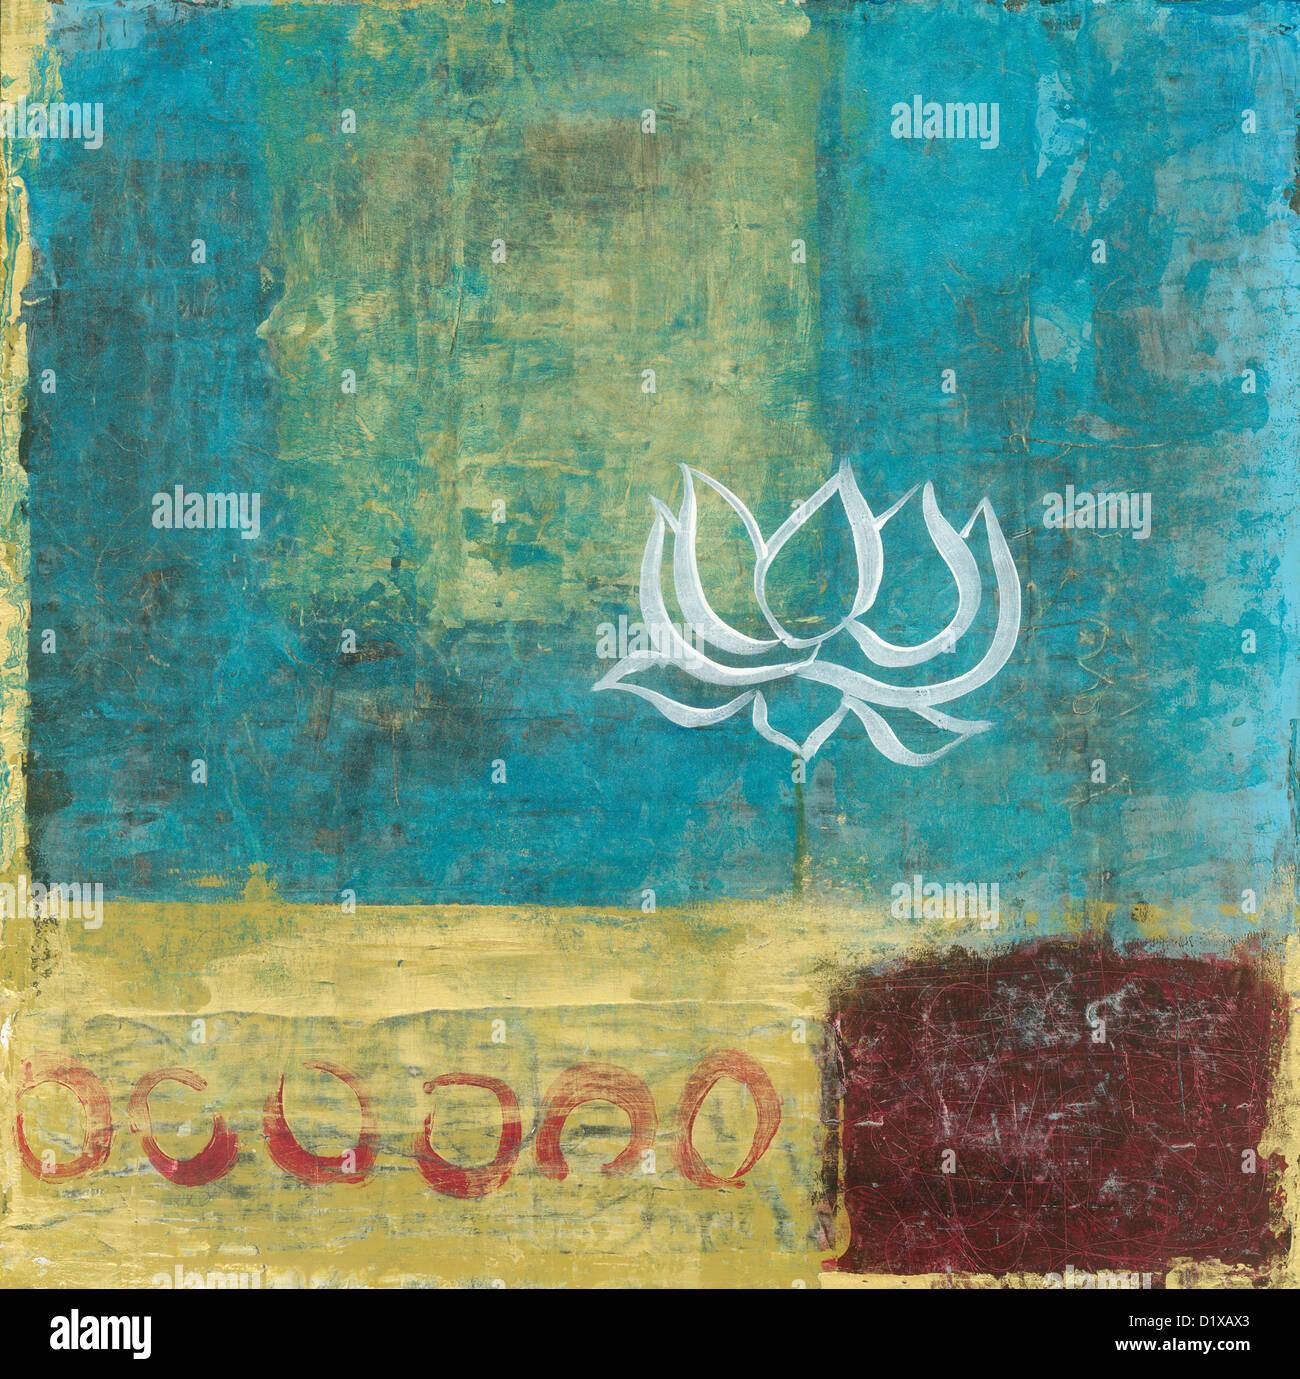 Resumen Antecedentes La pintura con una simple flor de cartas. Imagen De Stock